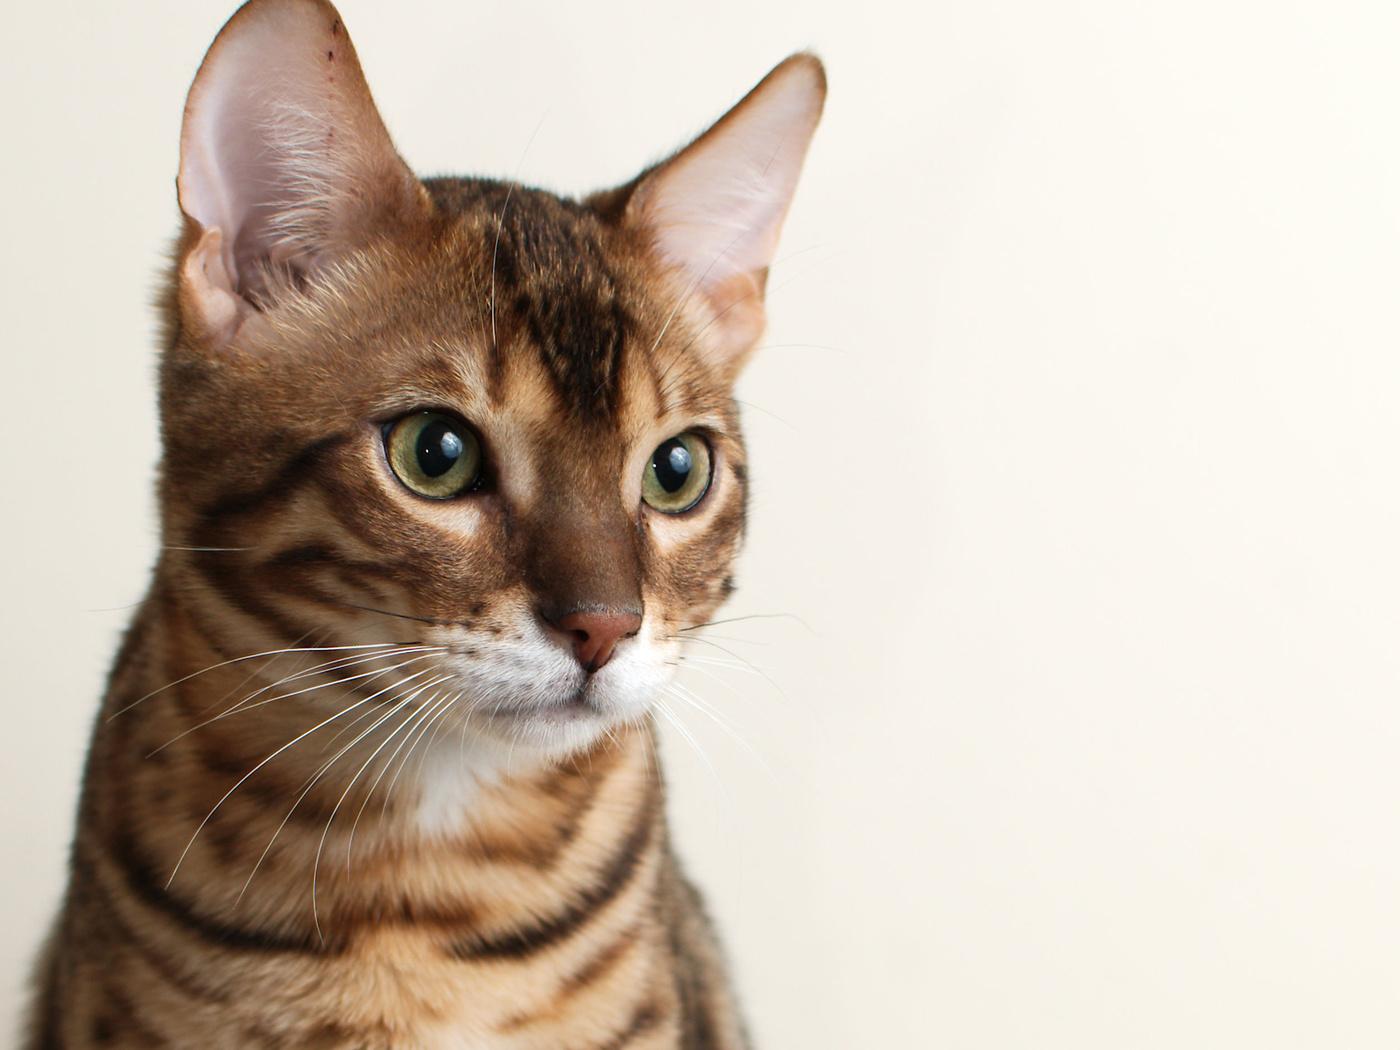 кошка, фон, кот, морда, Bengal, бенгальский